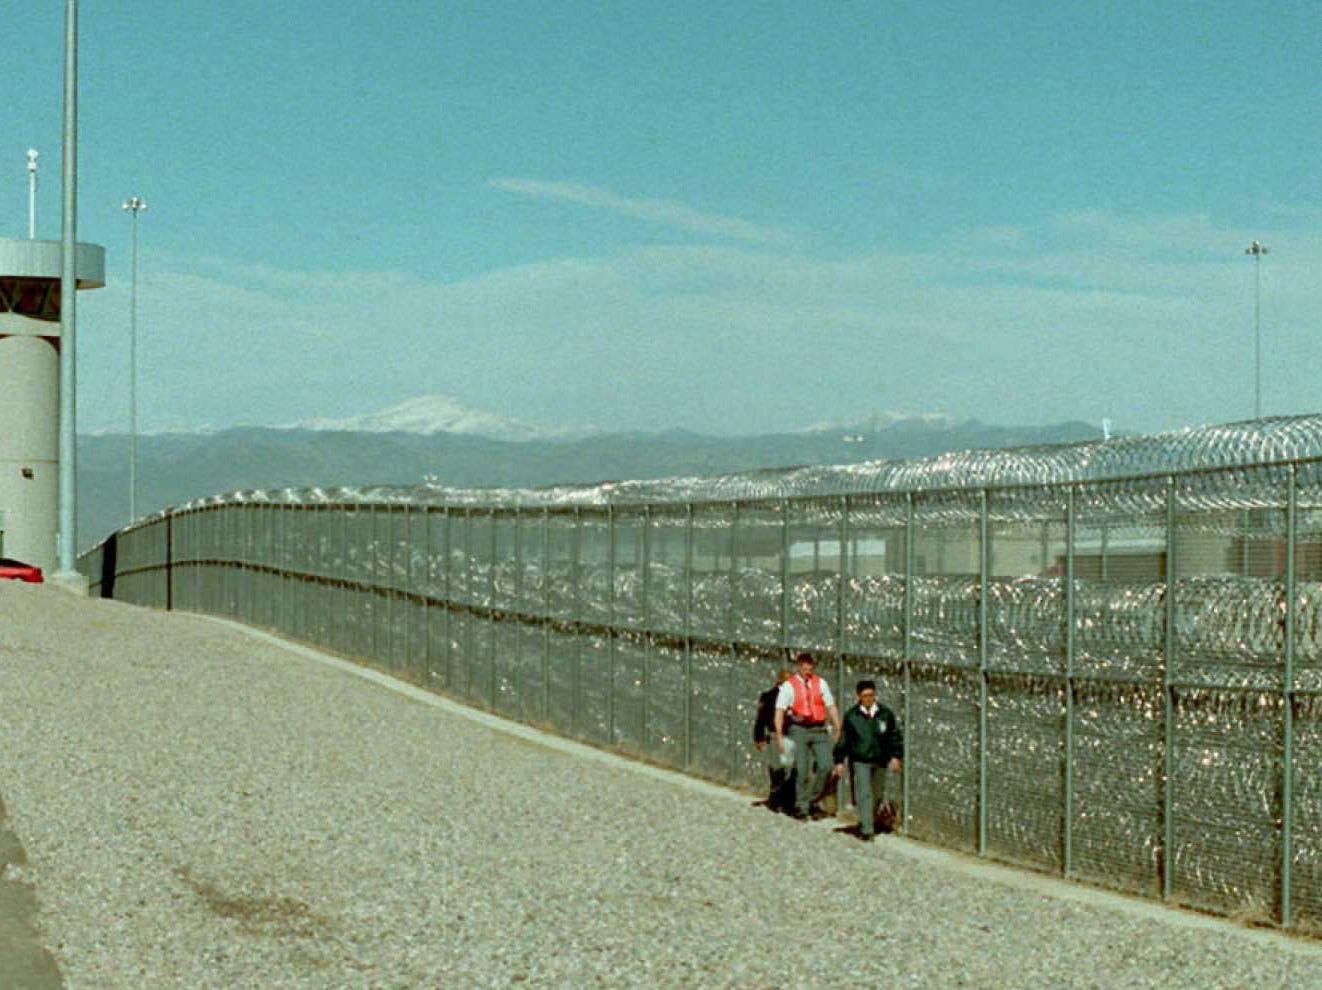 """La prisión ADX """"Supermax"""" de Florence, Colorado, alberga a algunos de los delincuentes más conocidos que pasaron por los juzgados del país. Aquí es donde el capo mexicano Joaquín 'El Chapo' Guzmán podría pasar el resto de su vida."""